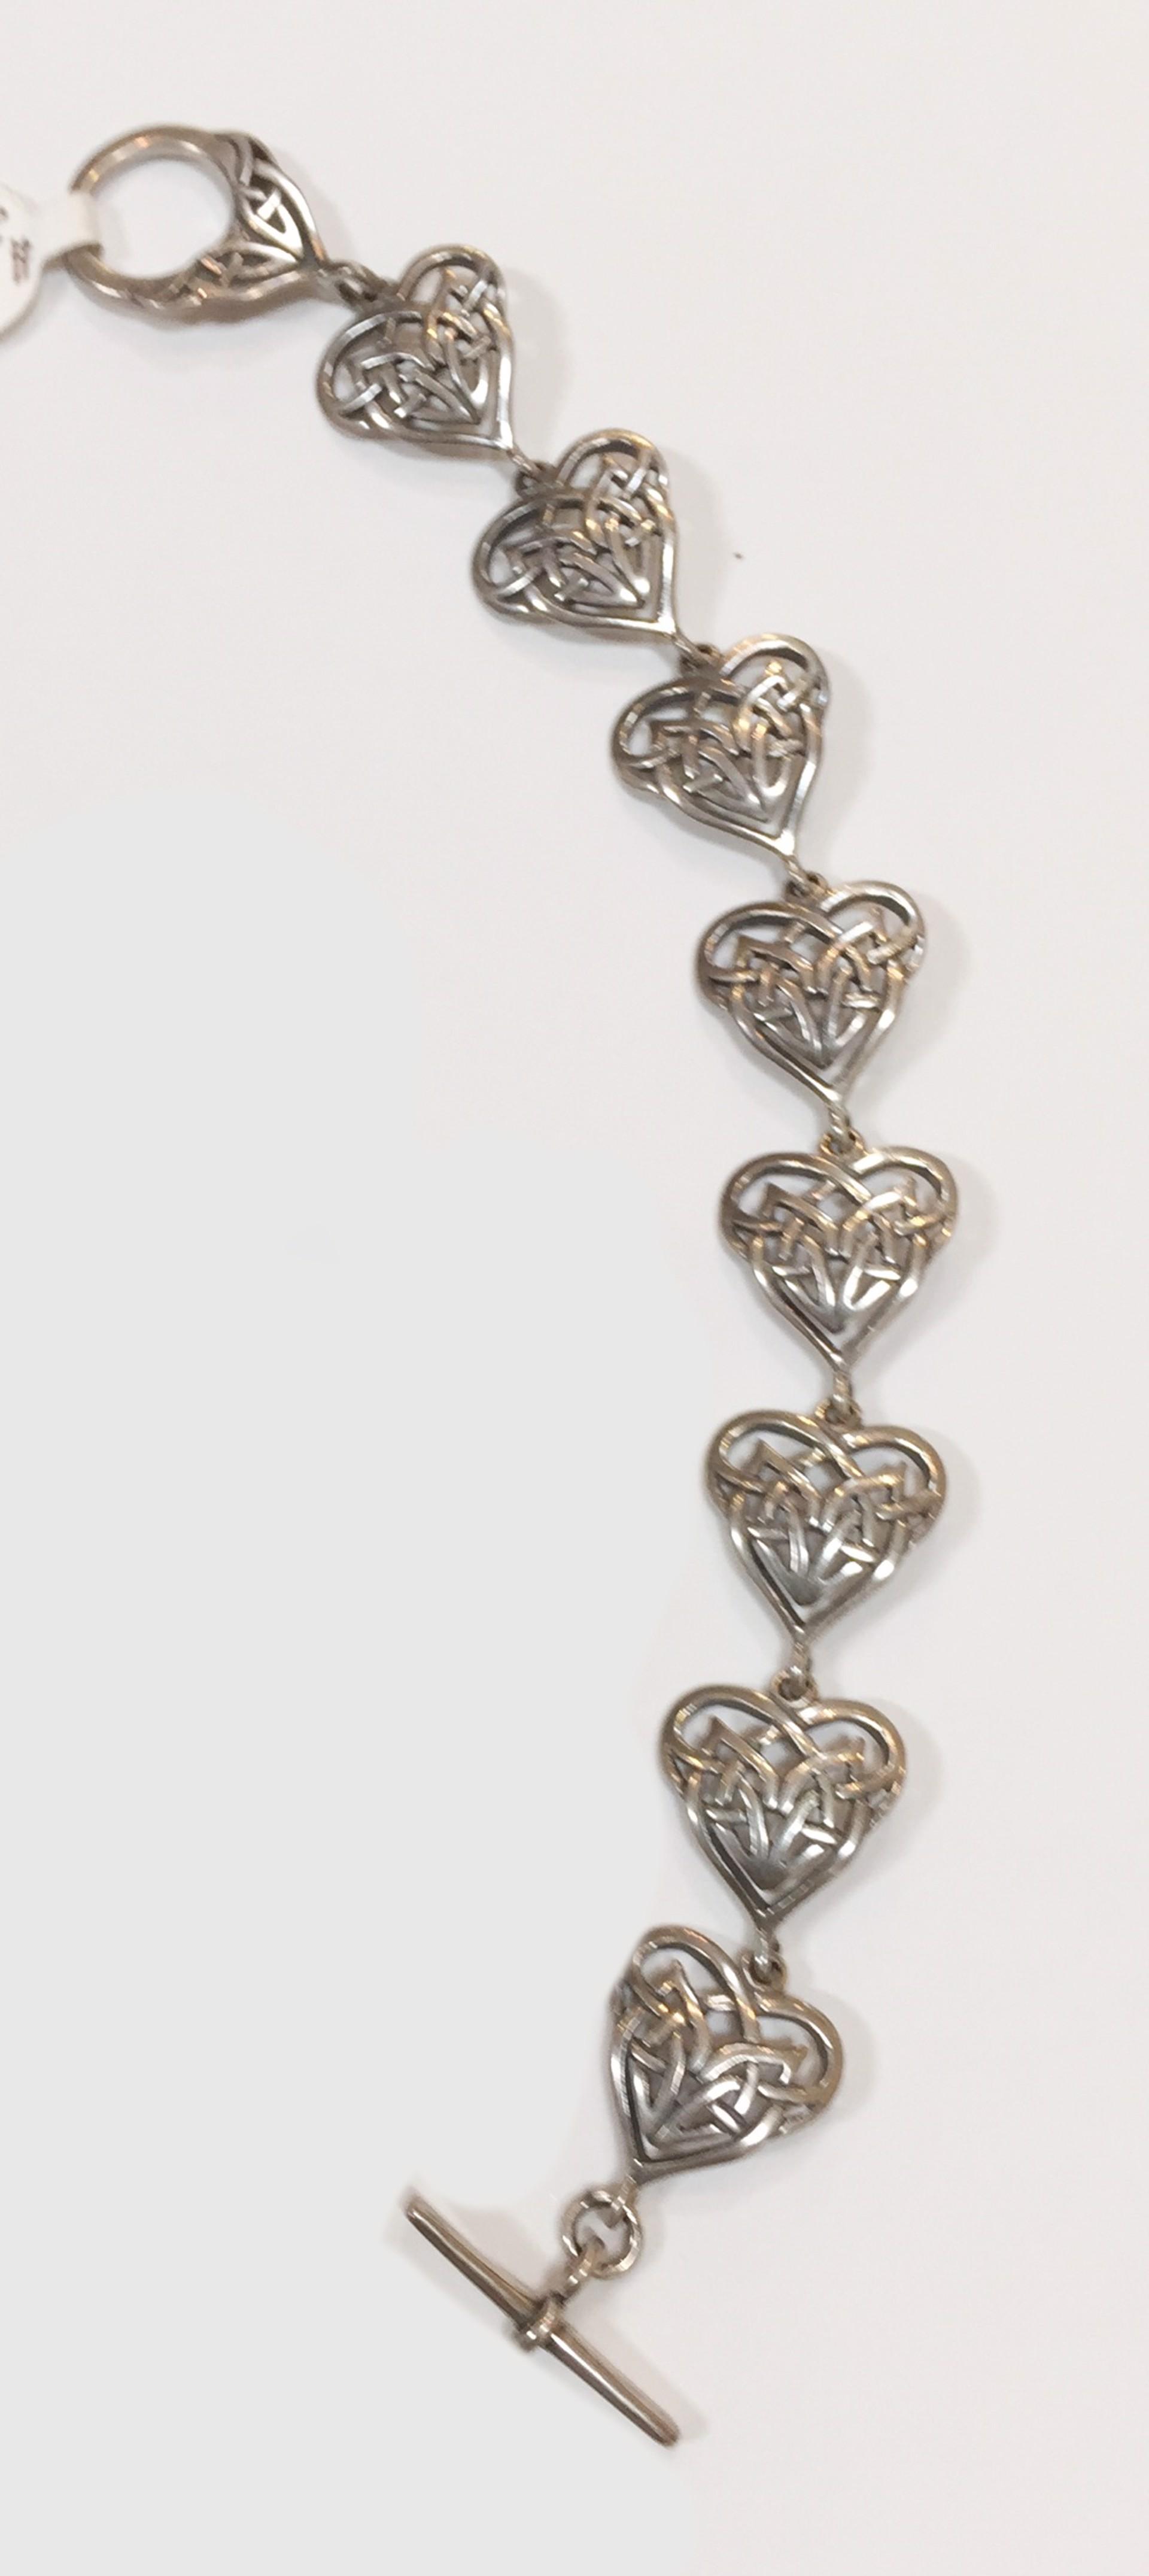 Bracelet - Silver Hearts 7335 by Deanne McKeown